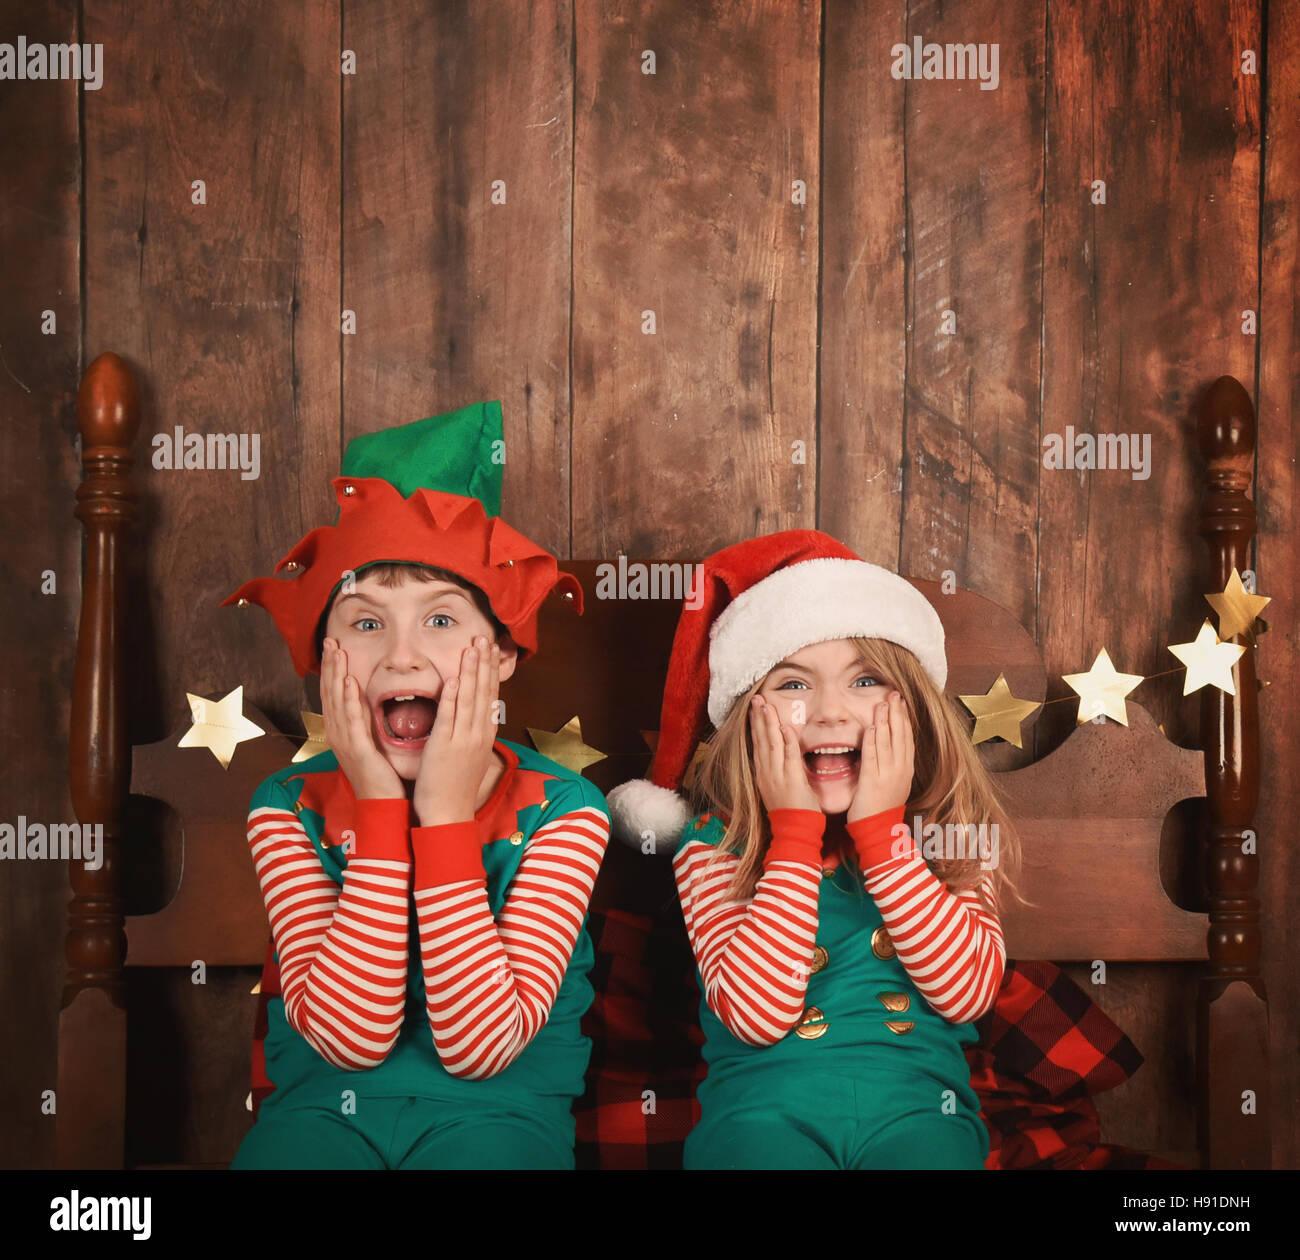 Zwei lustige junge Kinder sind überrascht und begeistert, sitzt auf einem Bett mit Weihnachten Schlafanzug Stockbild